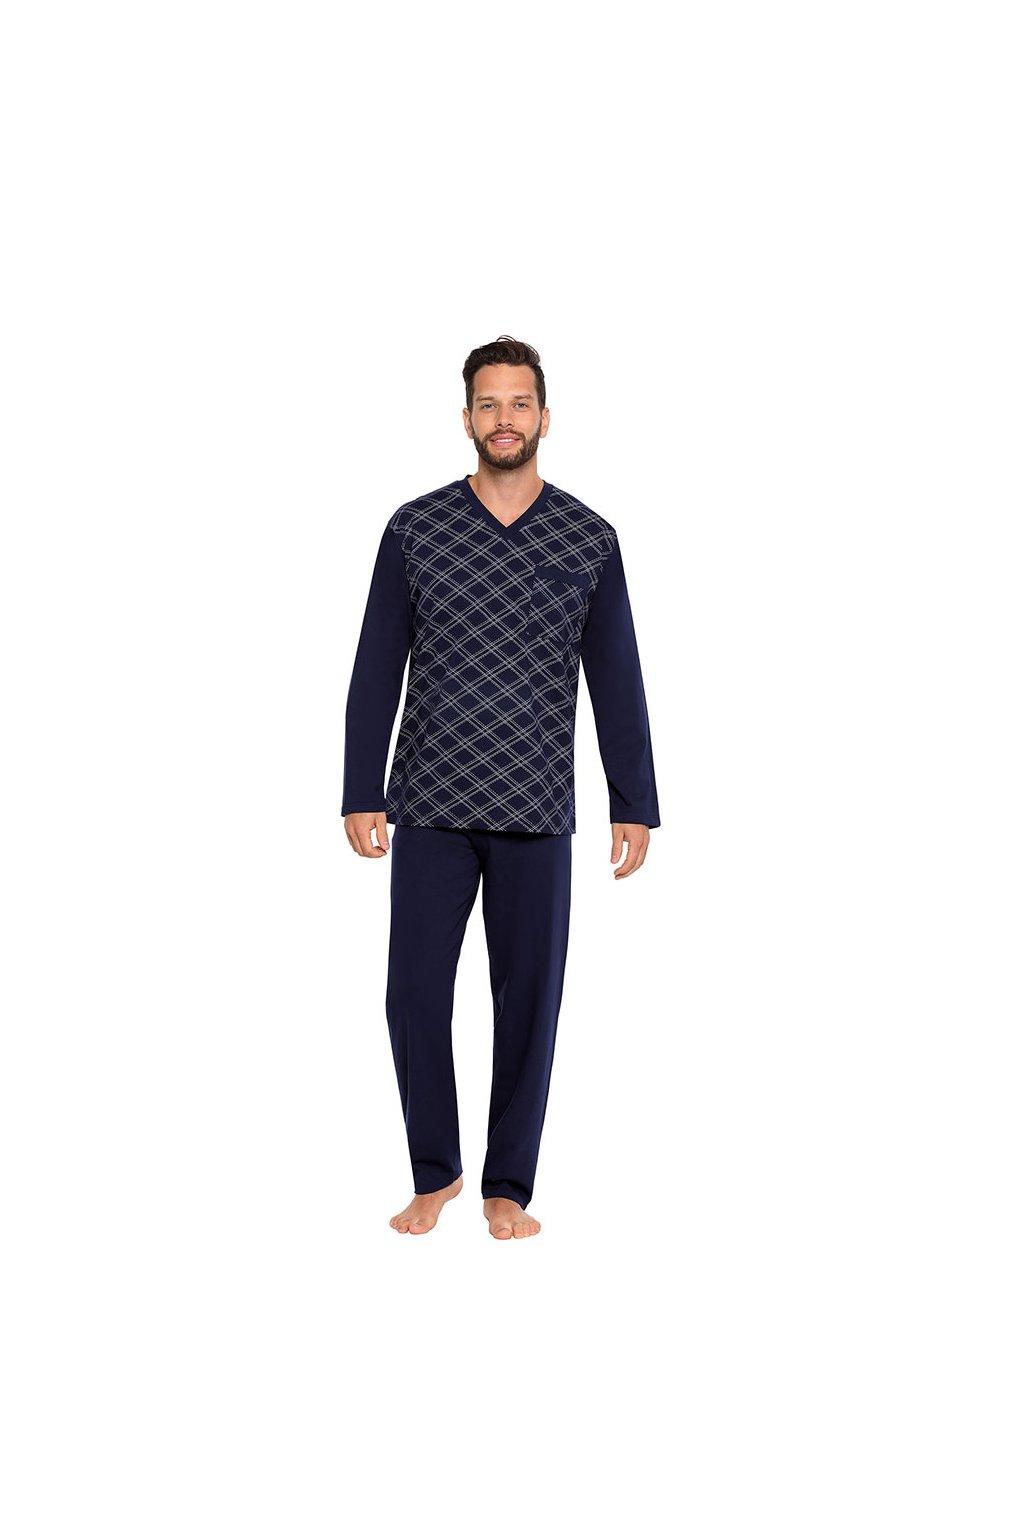 Pánské pyžamo s dlouhým rukávem, 204ERNESTd 28, modrá